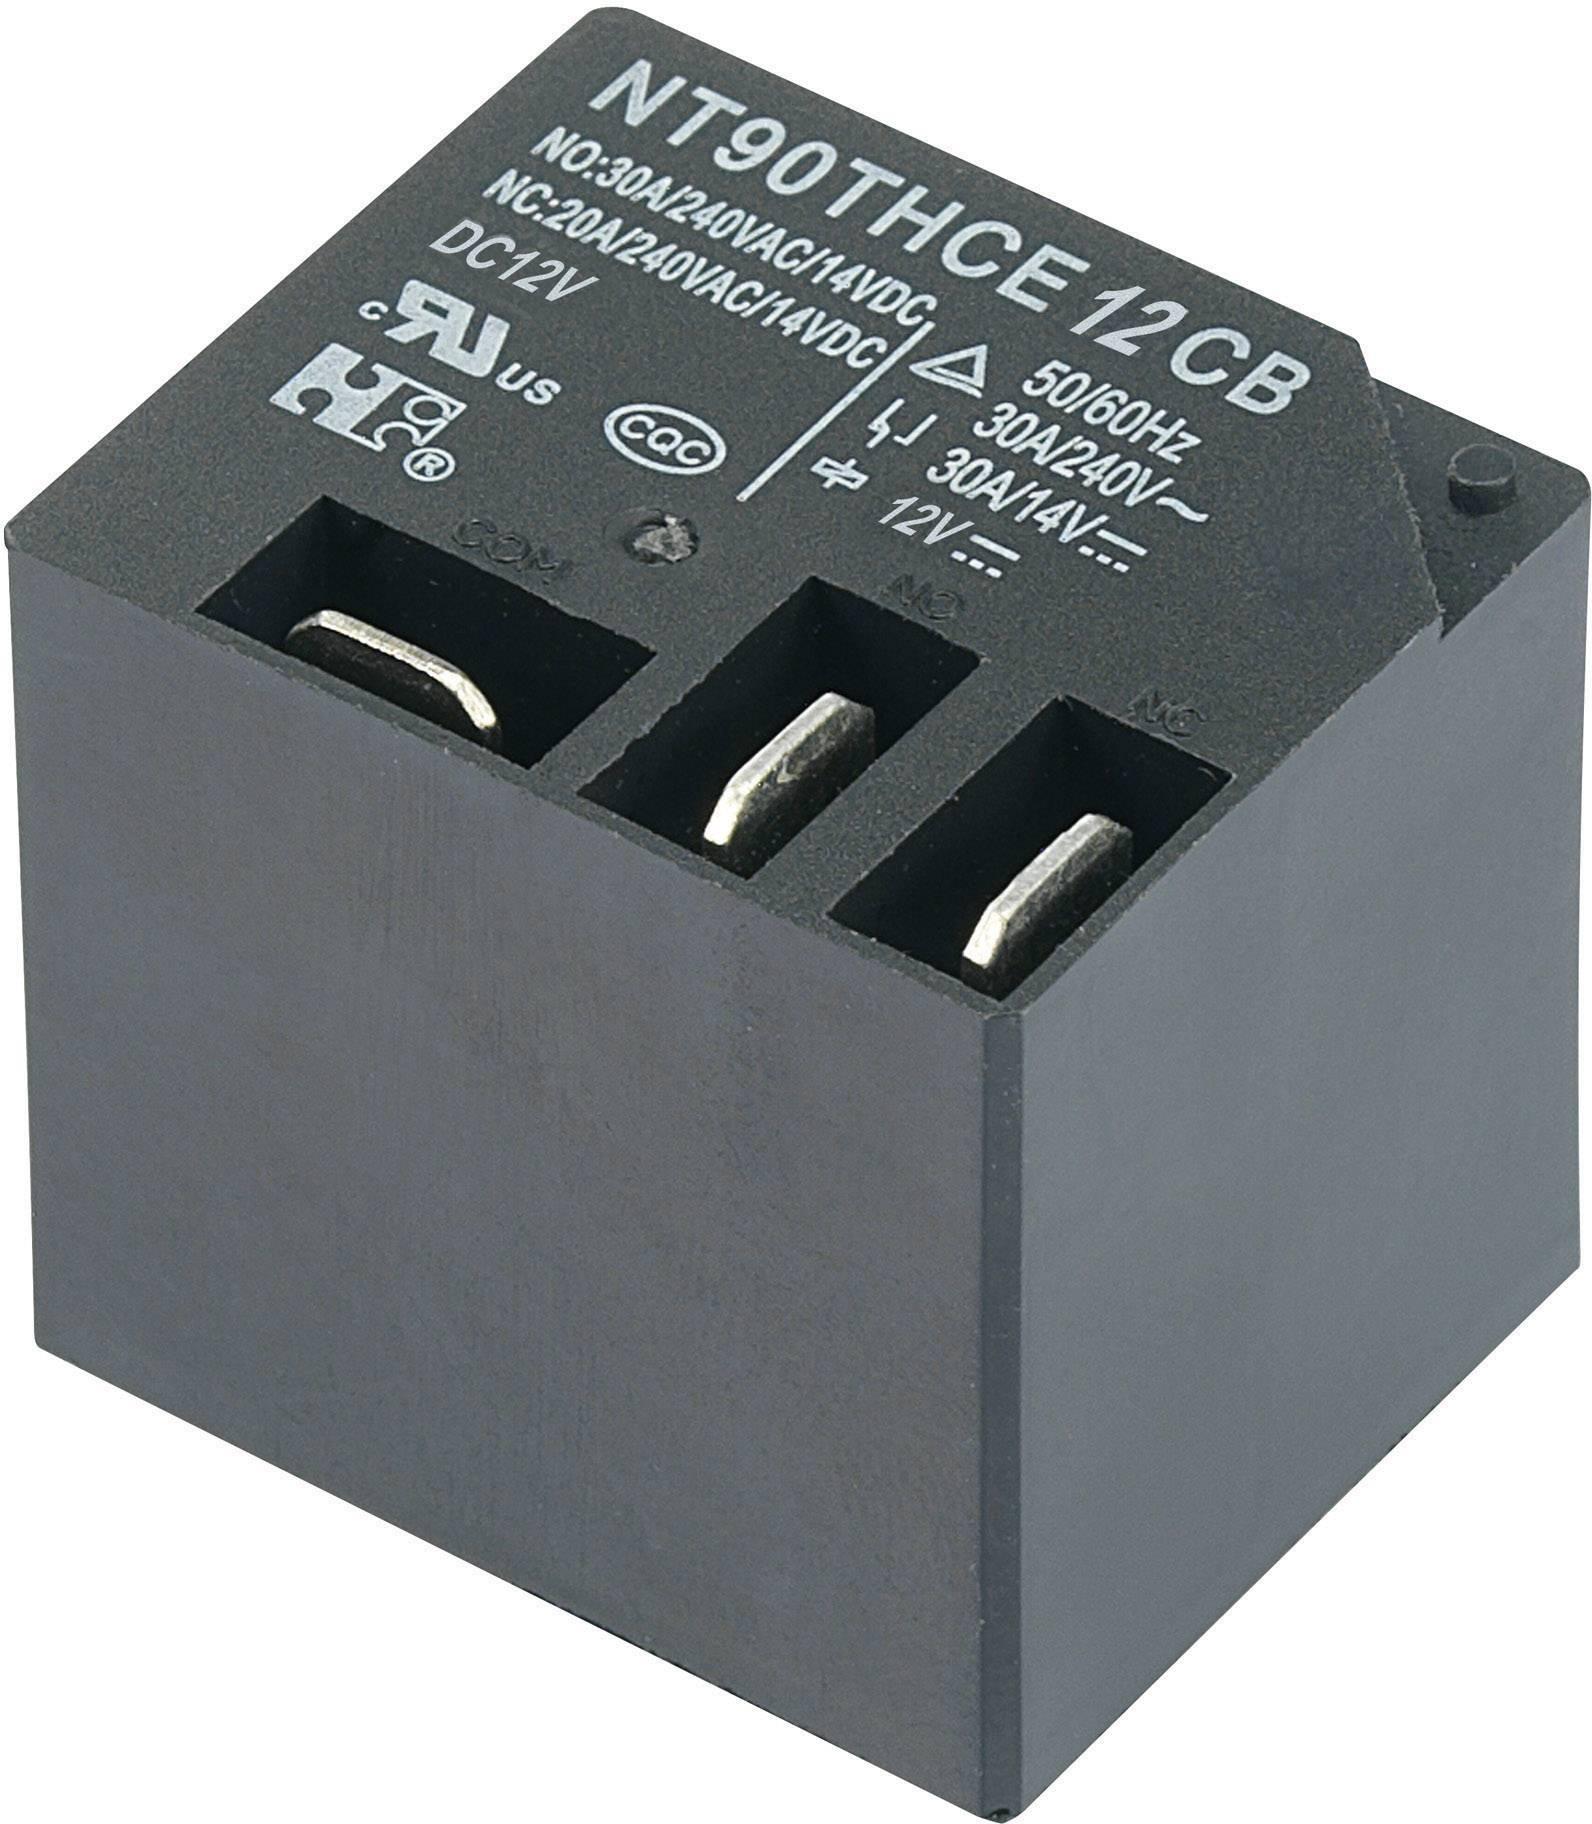 Zátěžové relé NT90THCE12CB, NT90THCE12CB, 30 A, 30 A , 110 V/DC/300 V/AC NO 30 A/240 V/AC, 14 V/DC, NC 20 A/240 V/AC, 30 A/14 V/DC